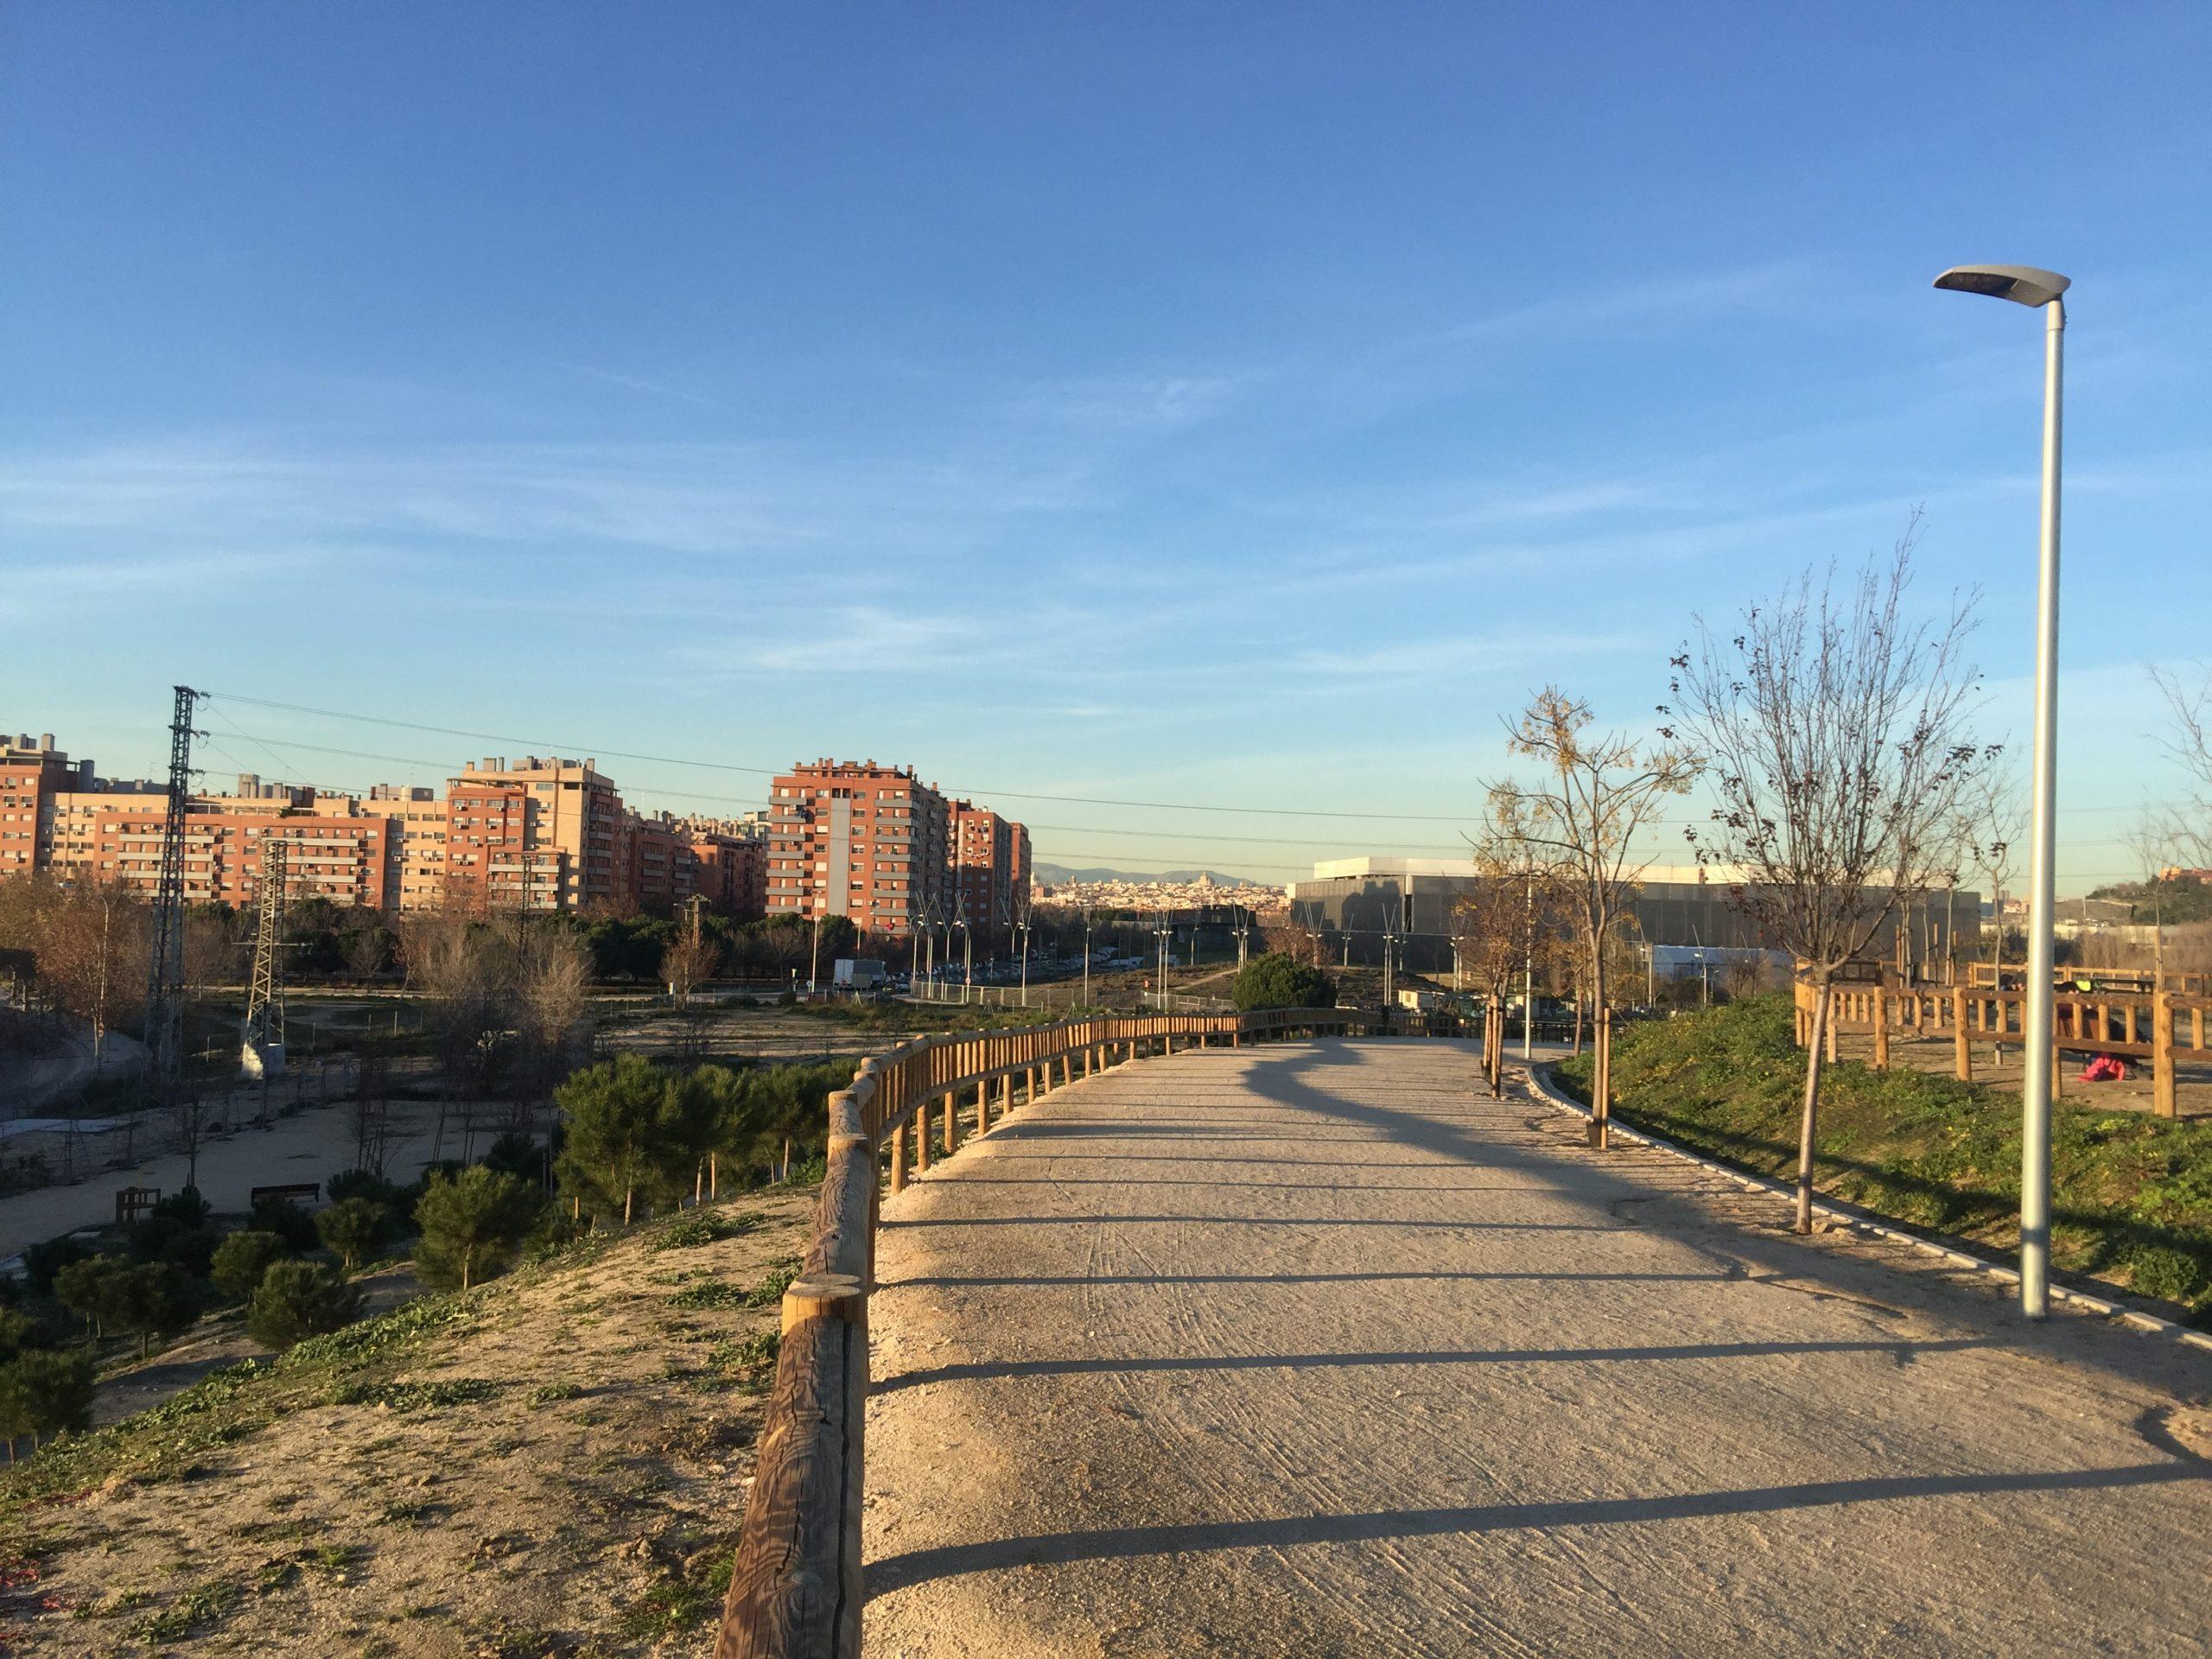 Diversas organizaciones de la sociedad civil madrileña, entre ellas la FRAVM, han iniciado una campaña contra el cierre de los parques.